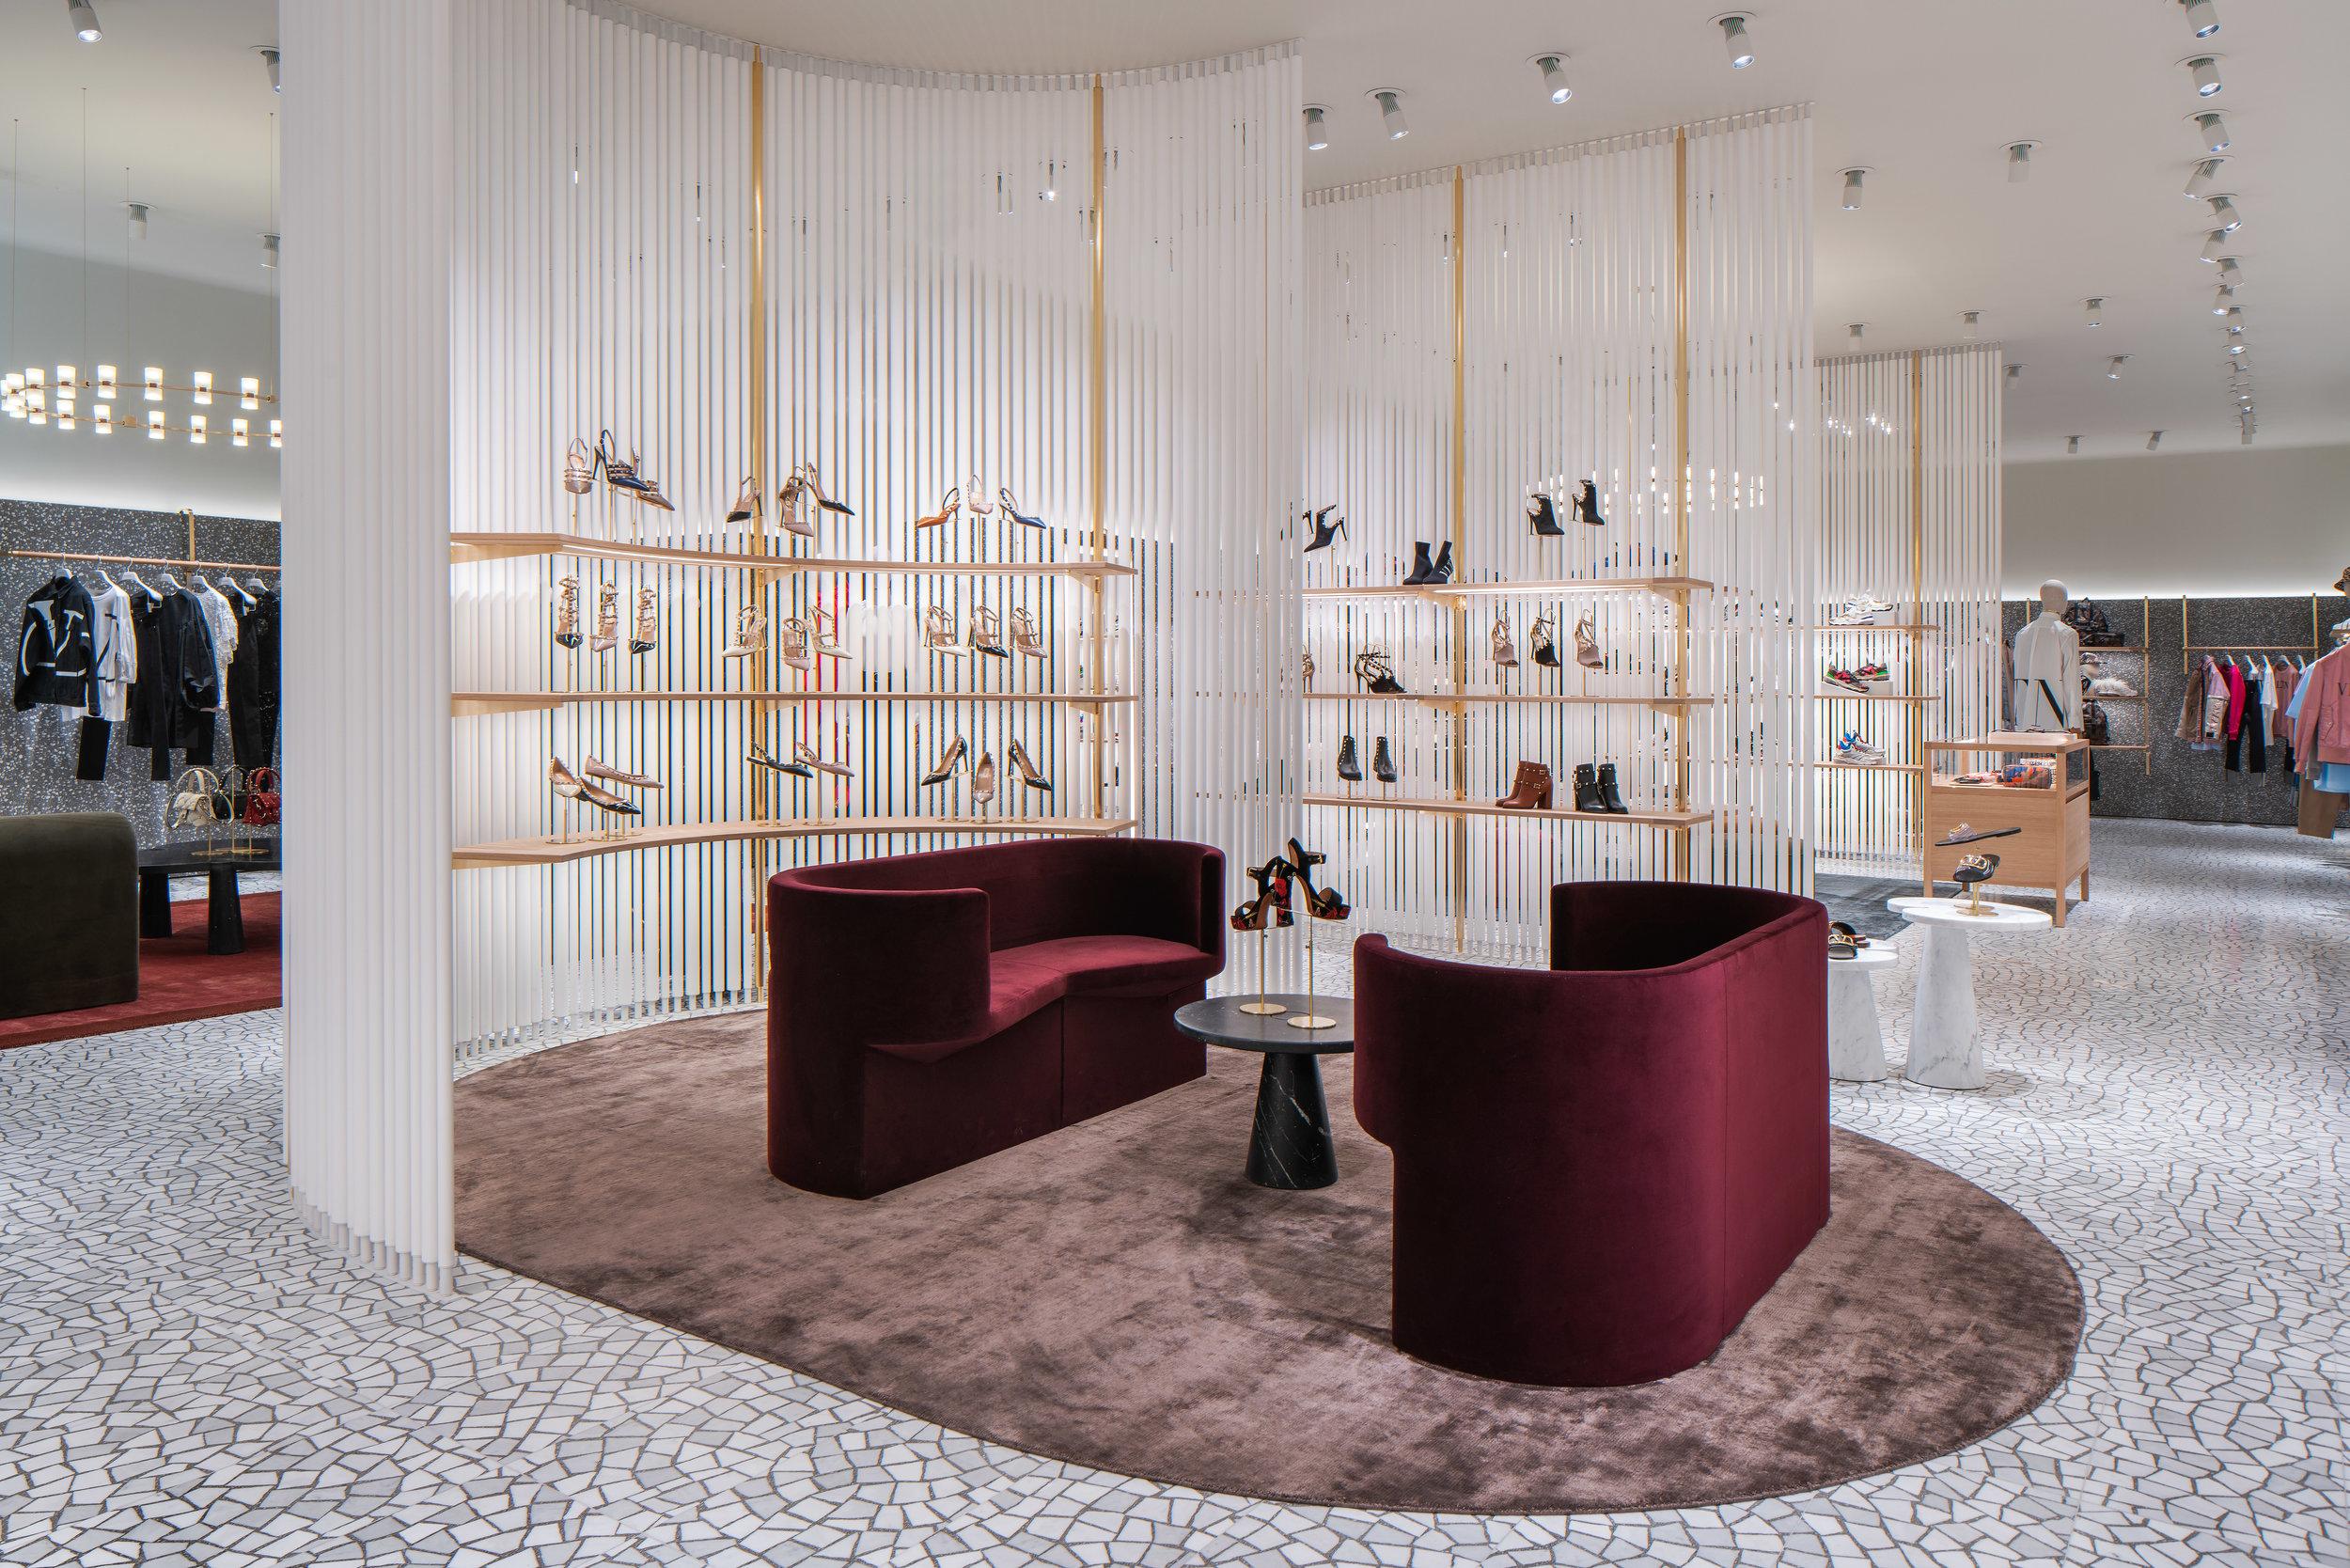 Women's footwear section